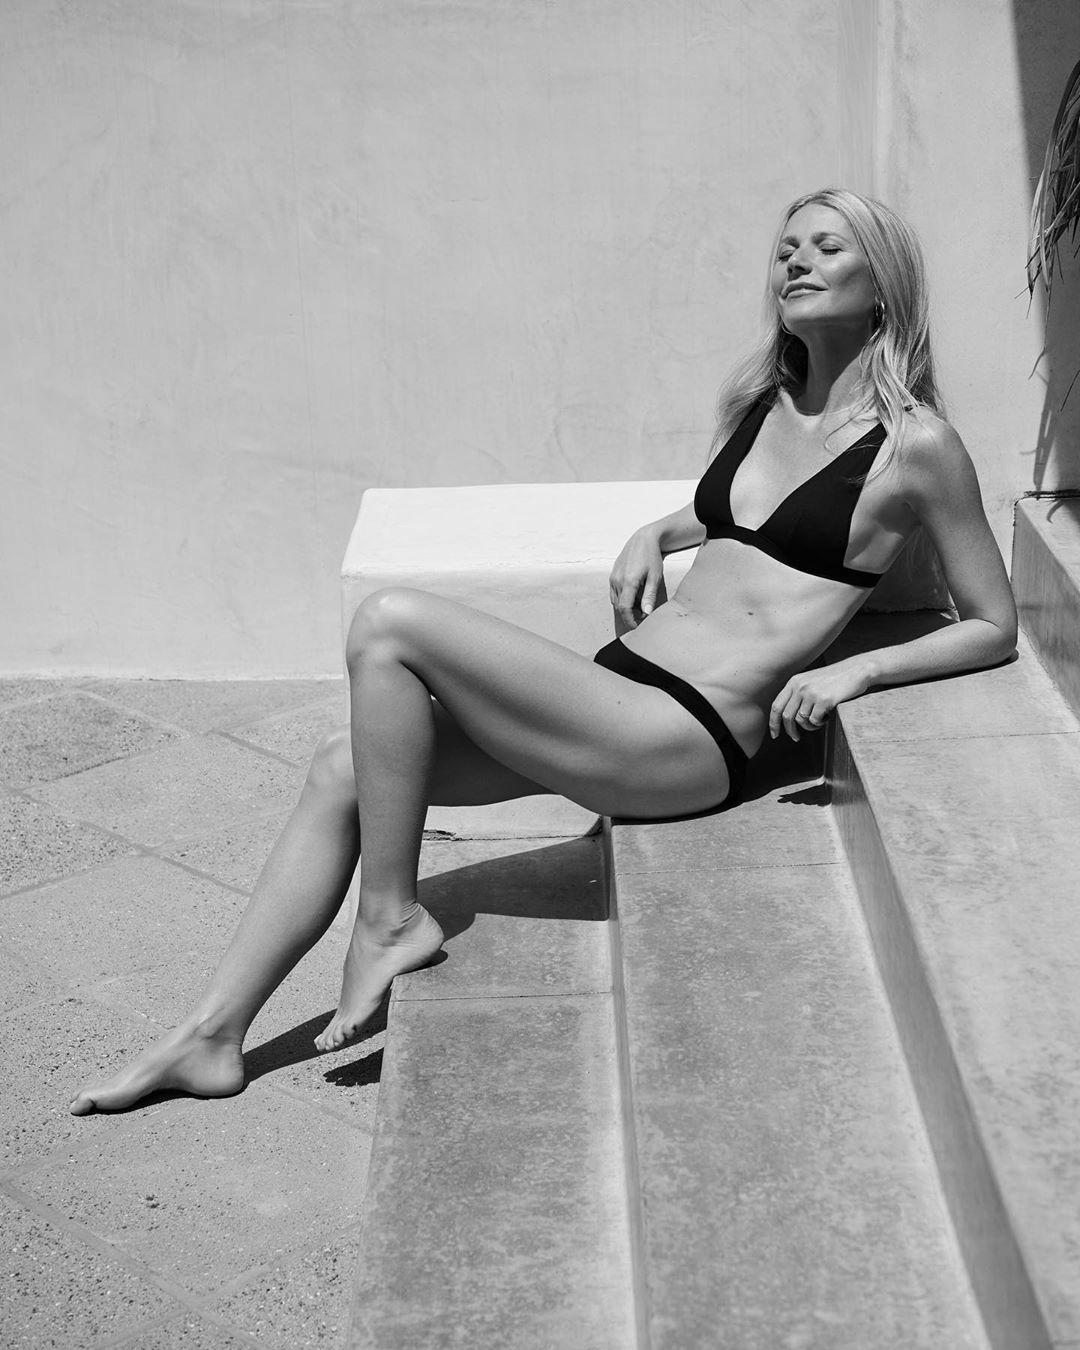 Гвинет Пэлтроу показала фигуру в новой рекламной кампании купальников-Фото 1